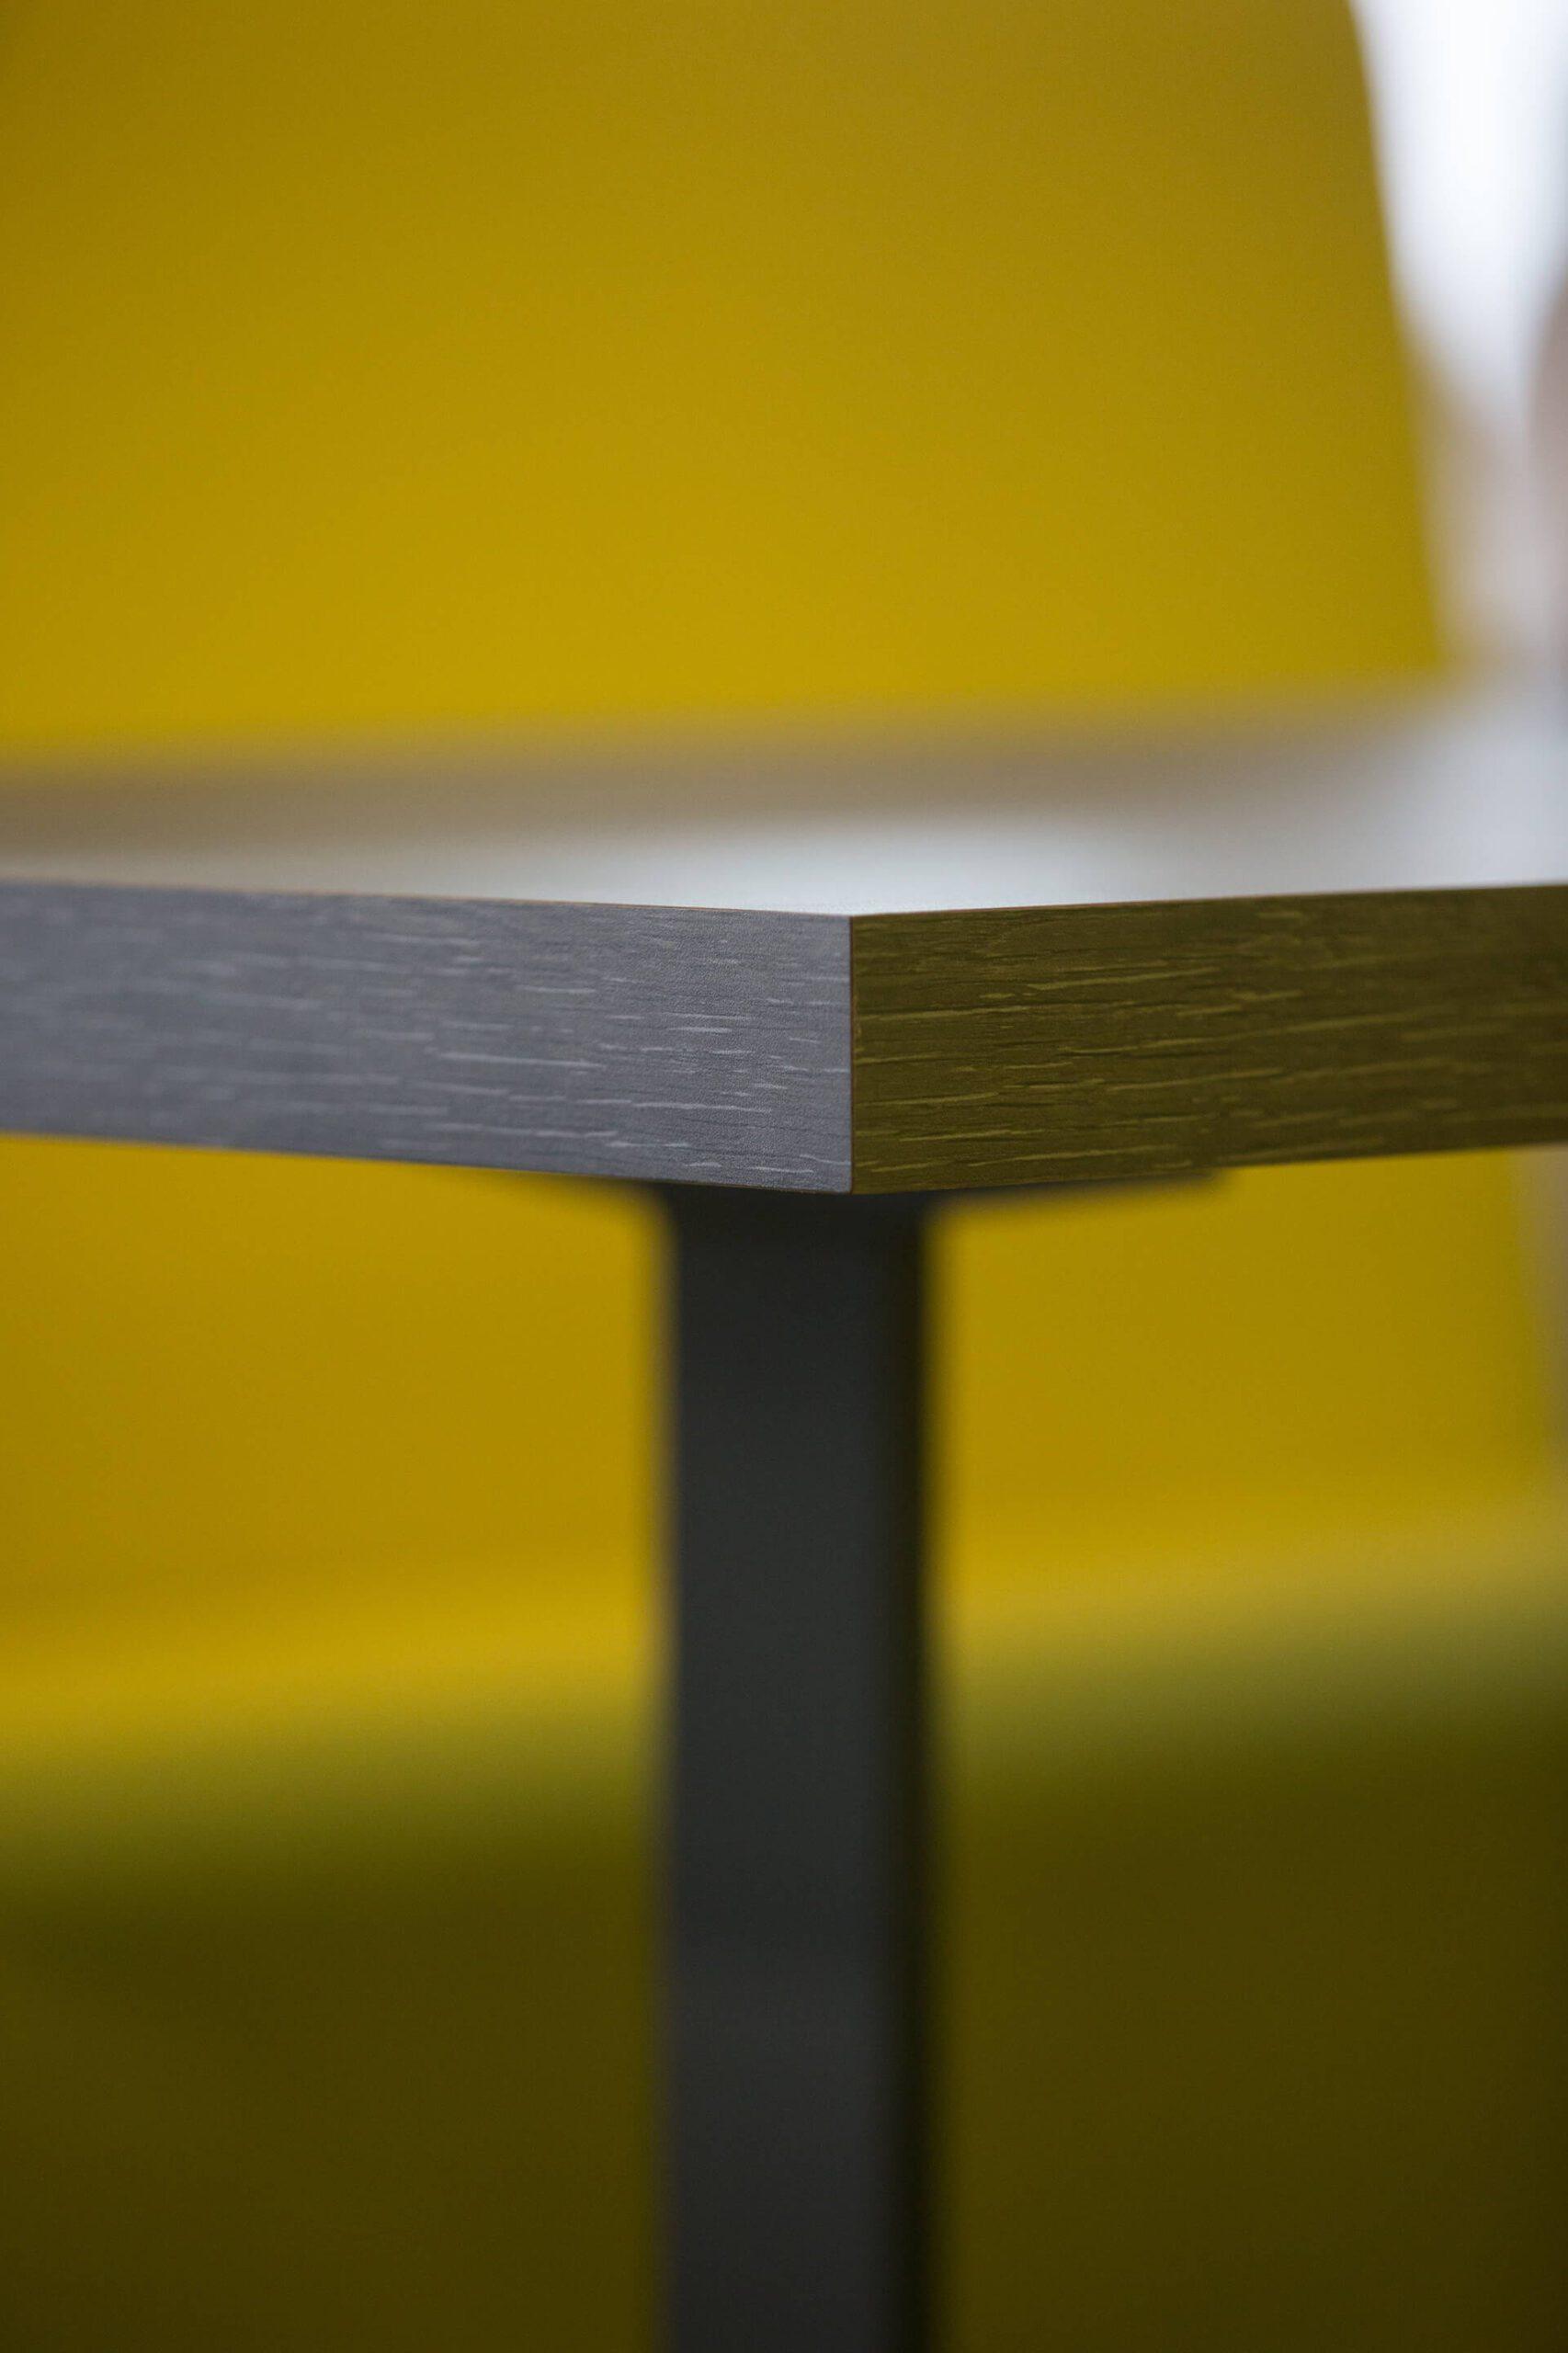 pormenor de aresta de mesa em madeira escura